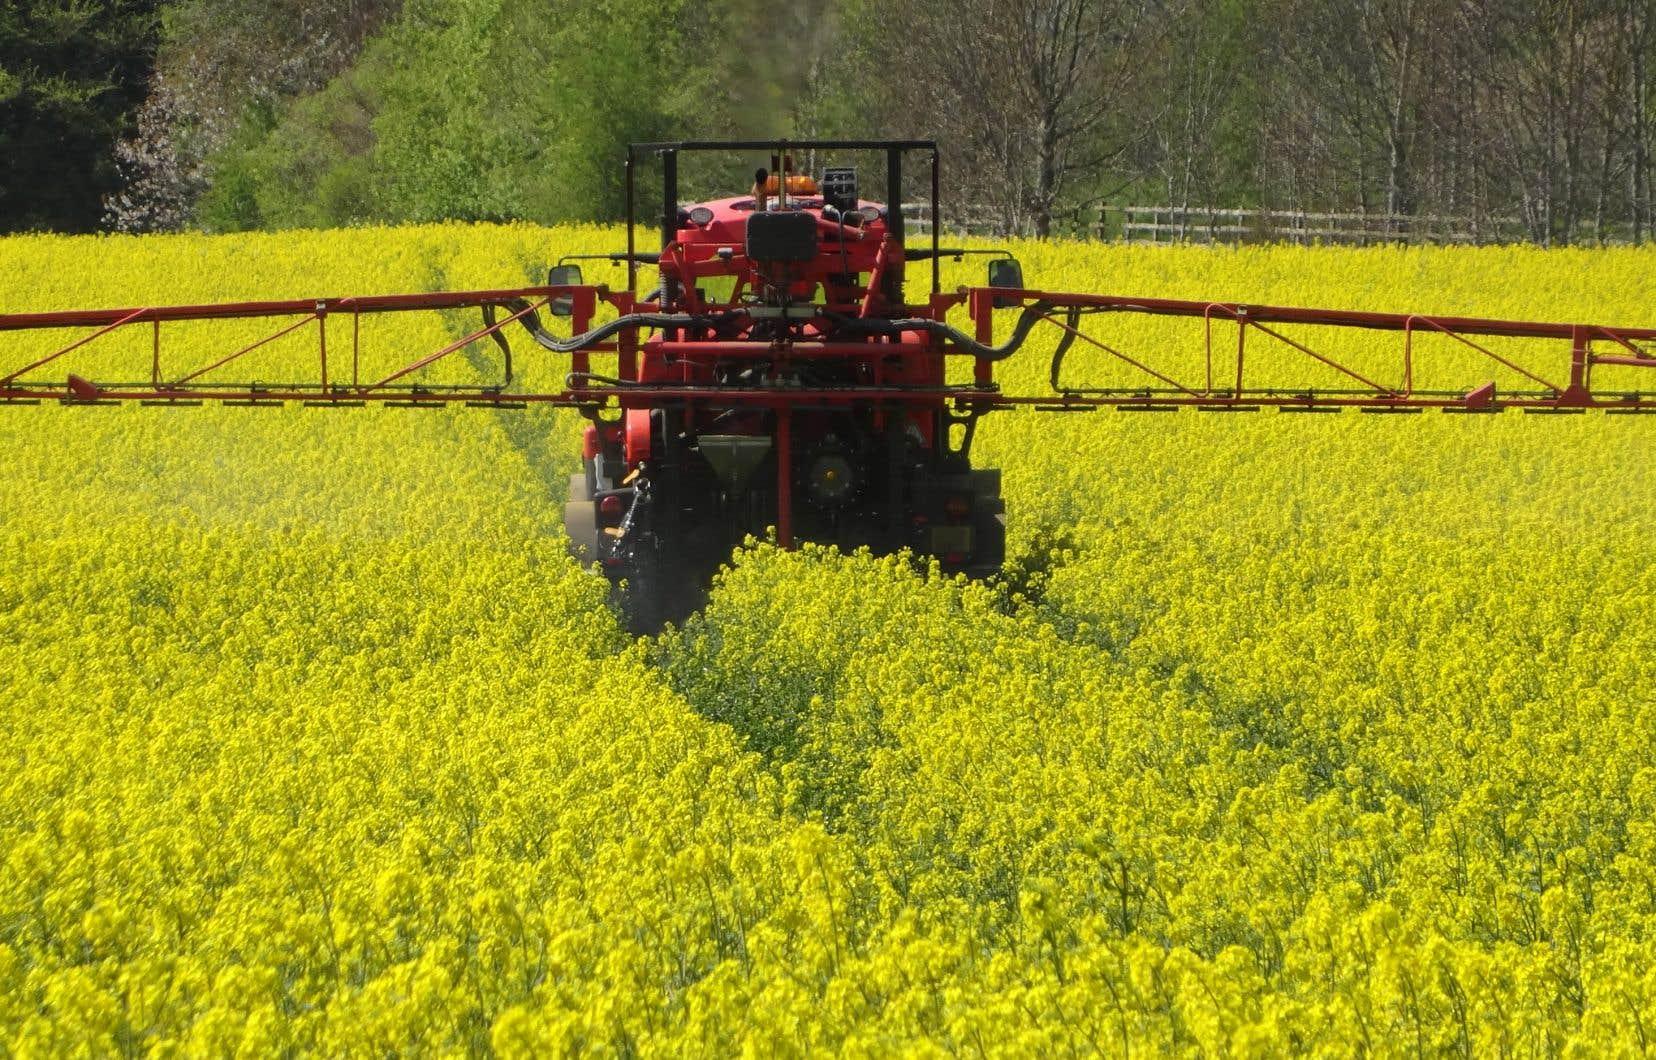 Présentement, seules cinq molécules inscrites au Code de gestion des pesticides requièrent une prescription agronomique pour pouvoir être utilisées.